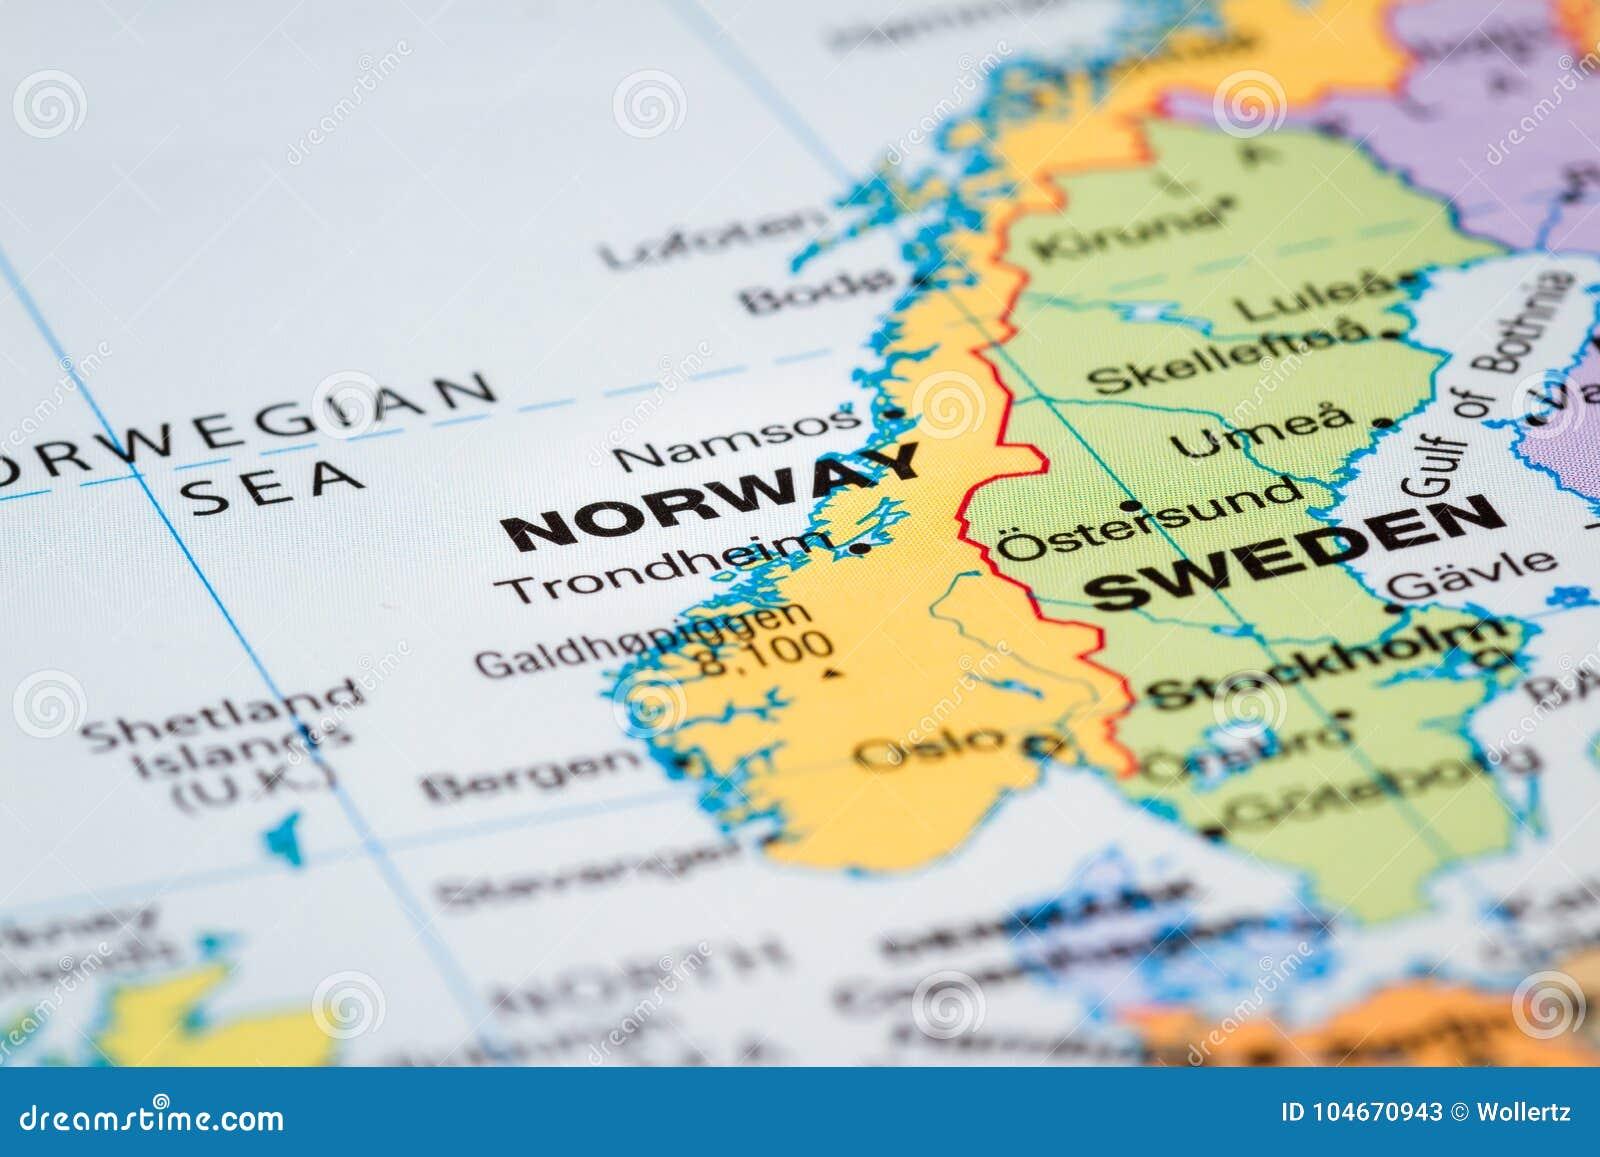 Skandinavien Auf Einer Karte Stockbild Bild Von Sonderkommando